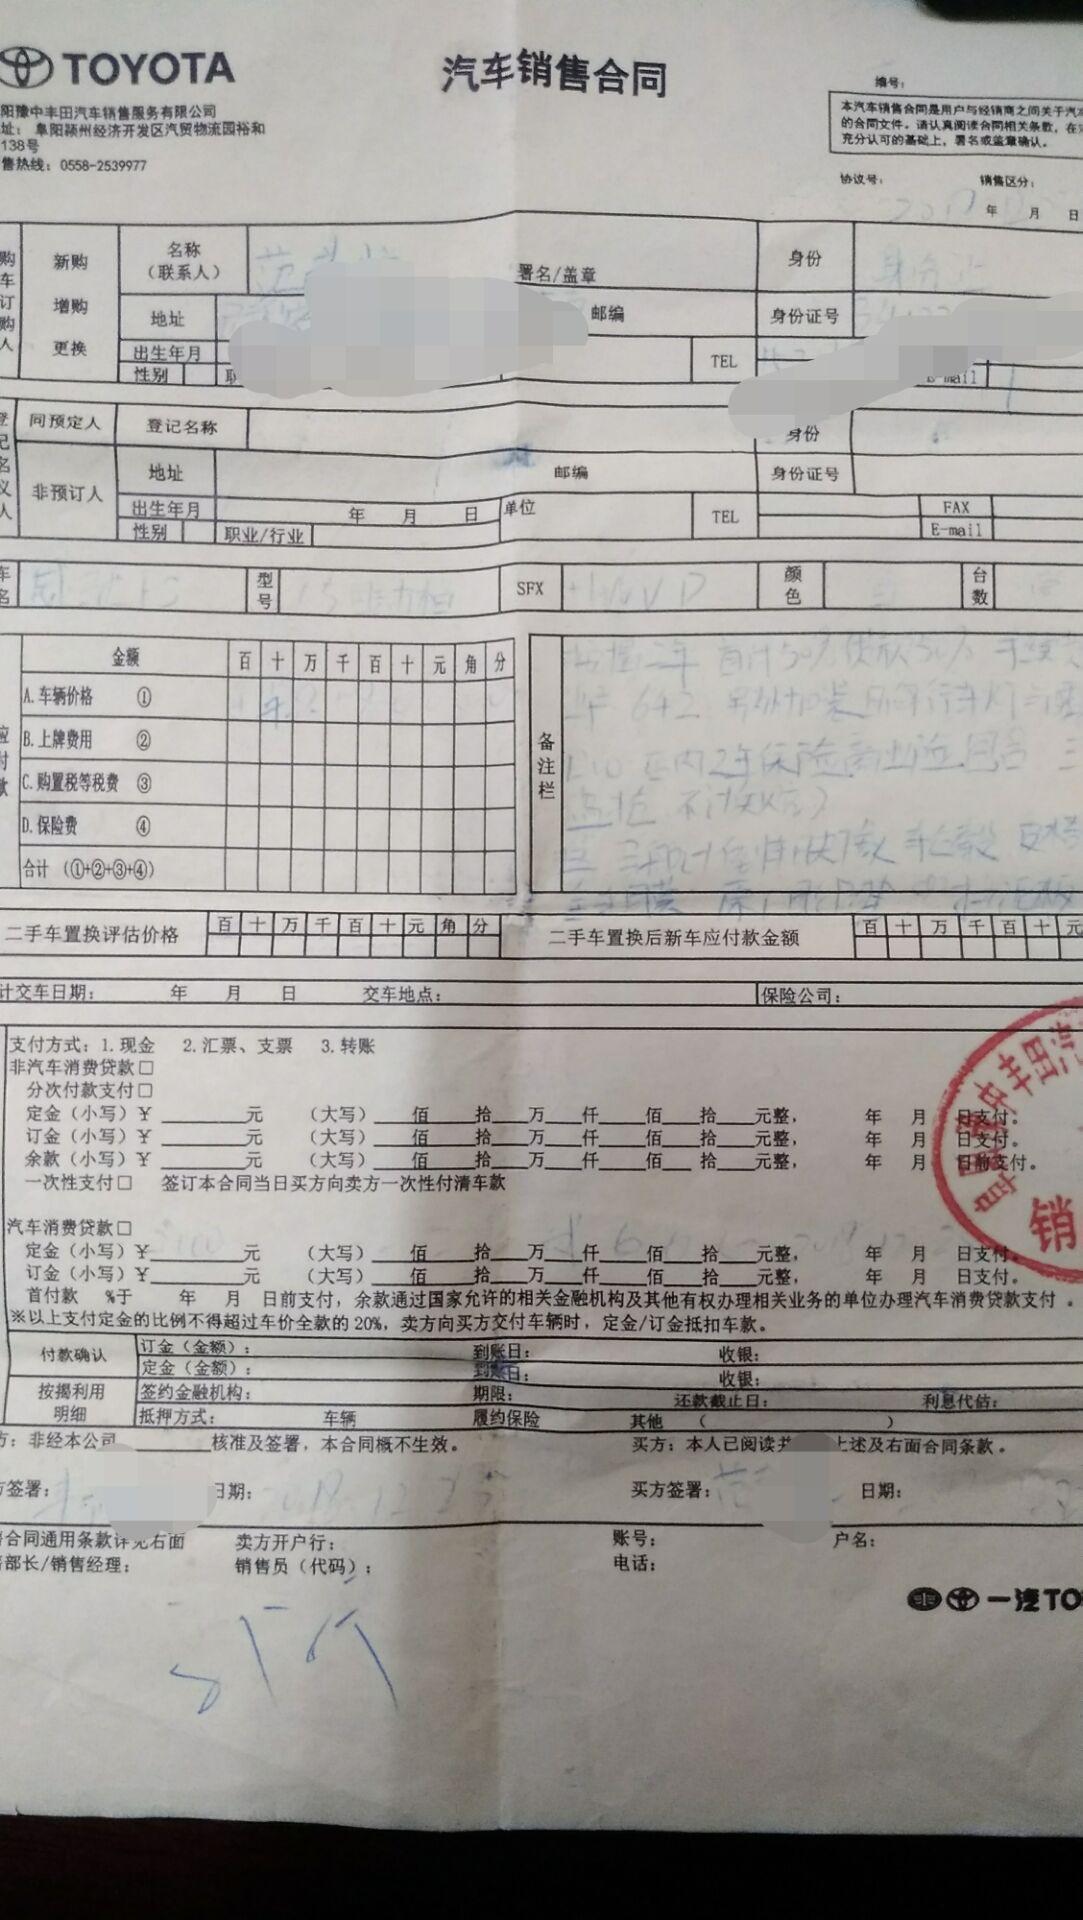 丰田-威驰FS 4S店无理拒退订金